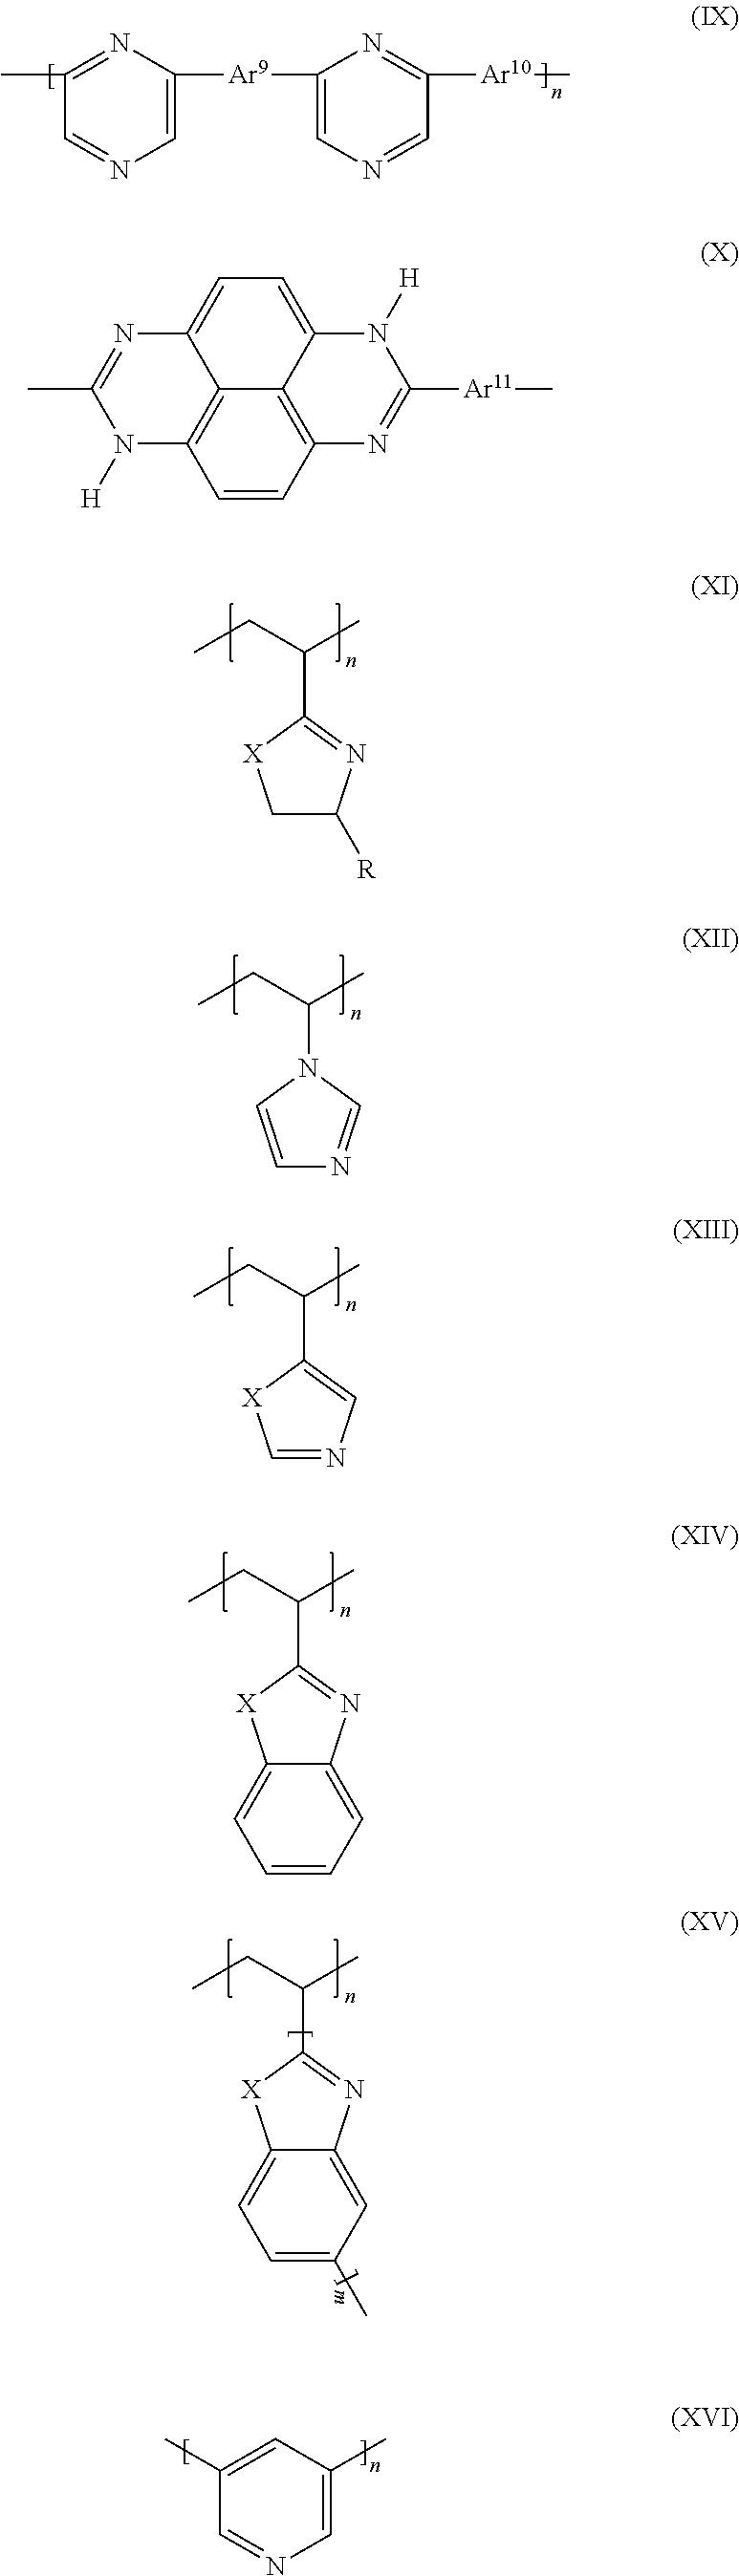 Figure US20110081591A1-20110407-C00002